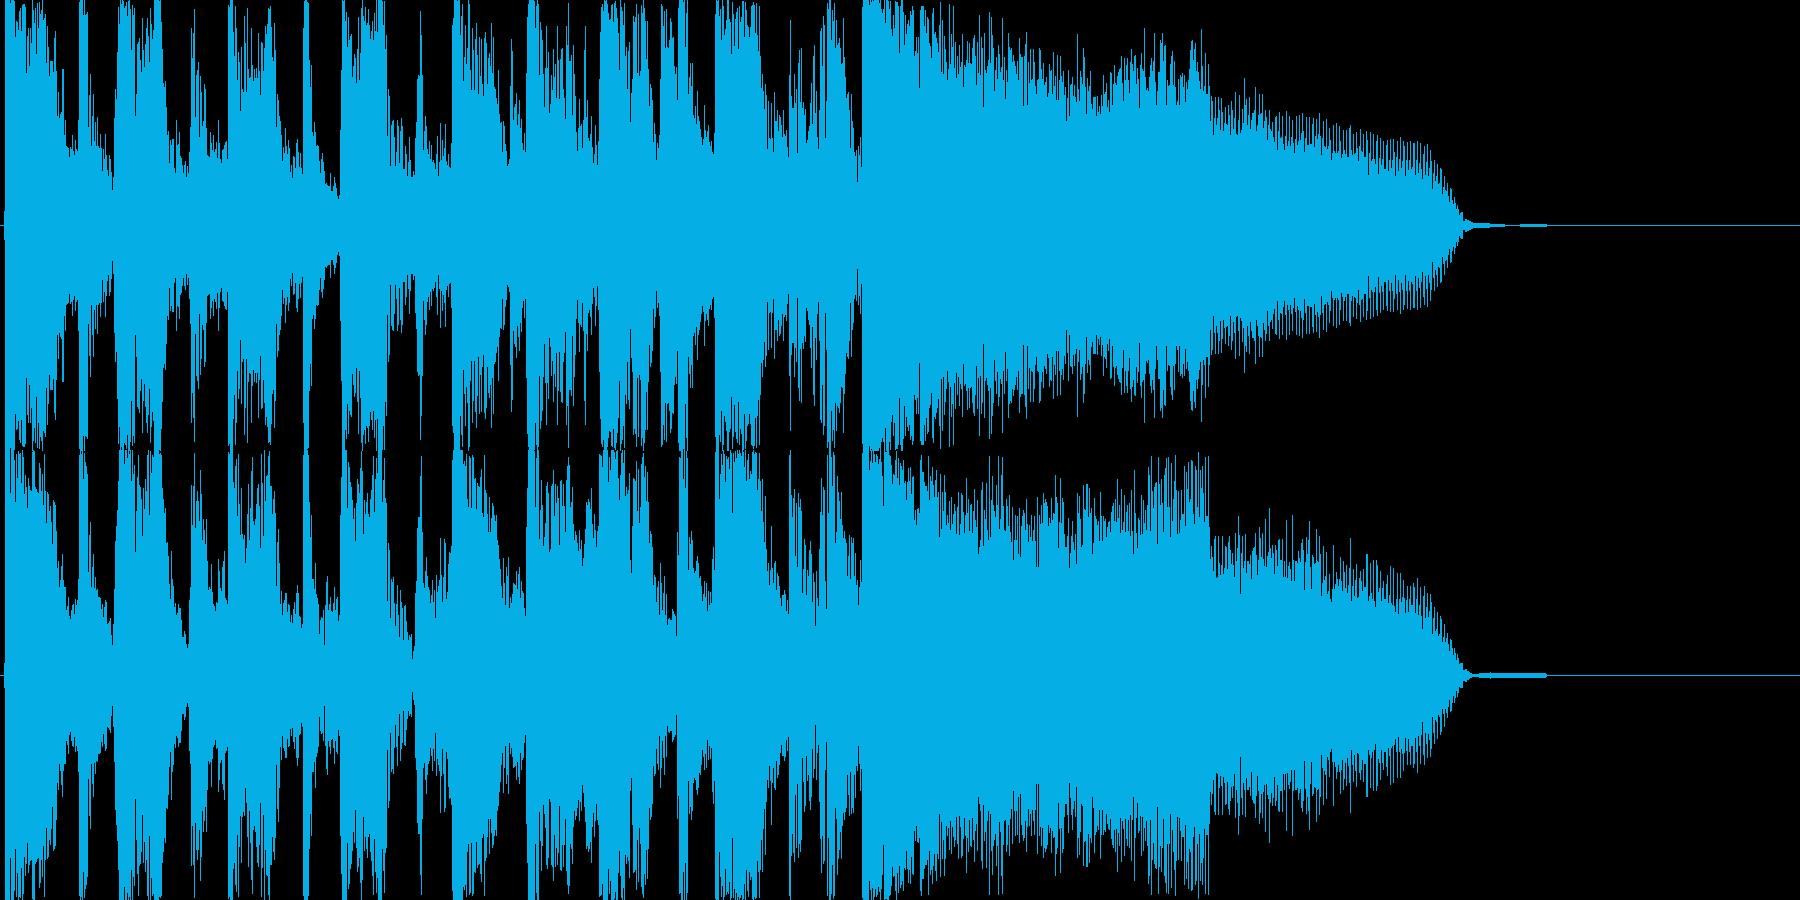 おしゃれで少しかわいい、生演奏ジングルの再生済みの波形